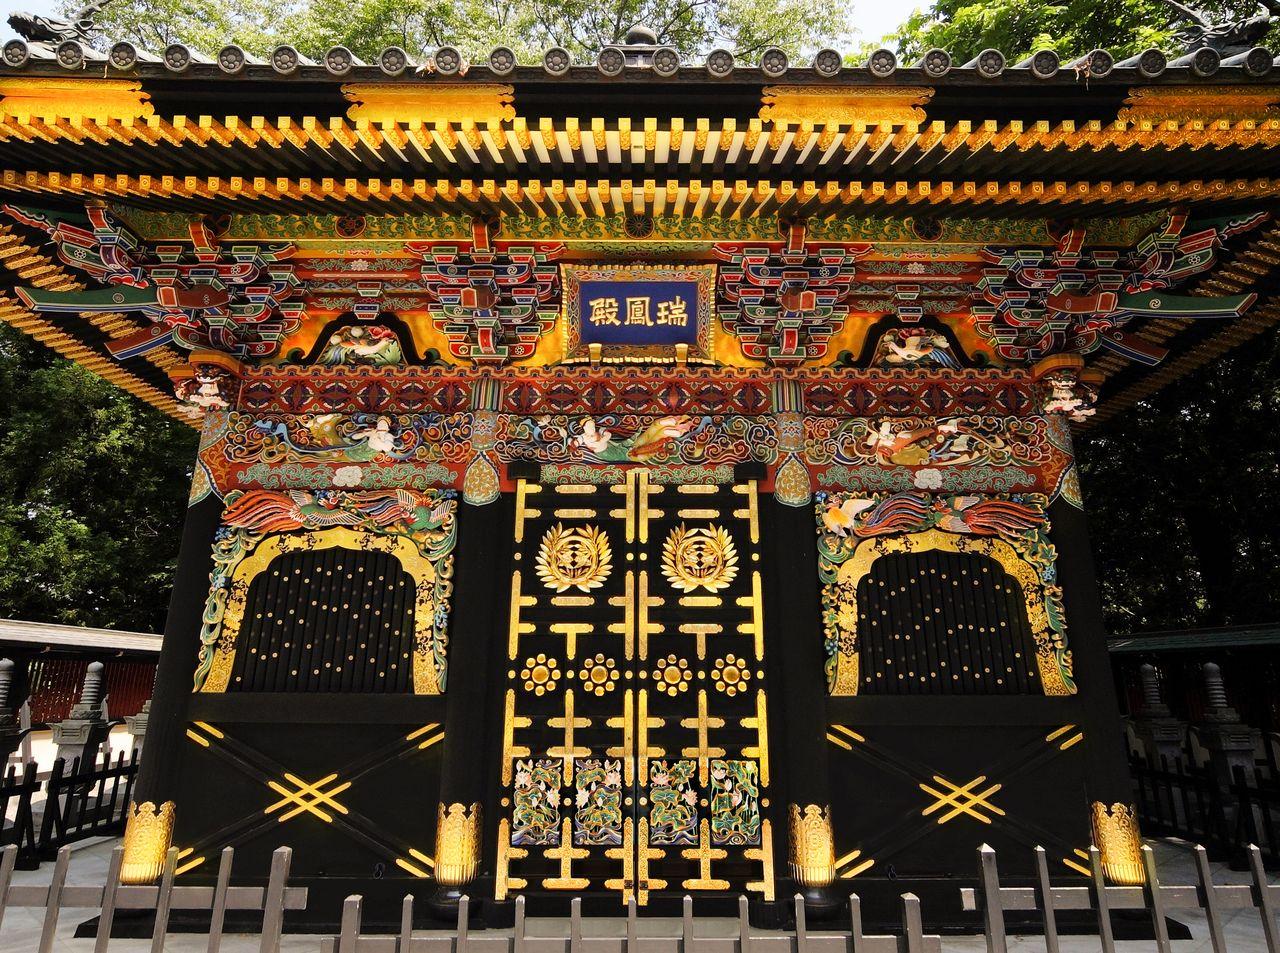 Усыпальница Дзуйходэн расположена на холме Кёгаминэ высотой около 70 метров (фотография предоставлена Дзуйходэн)